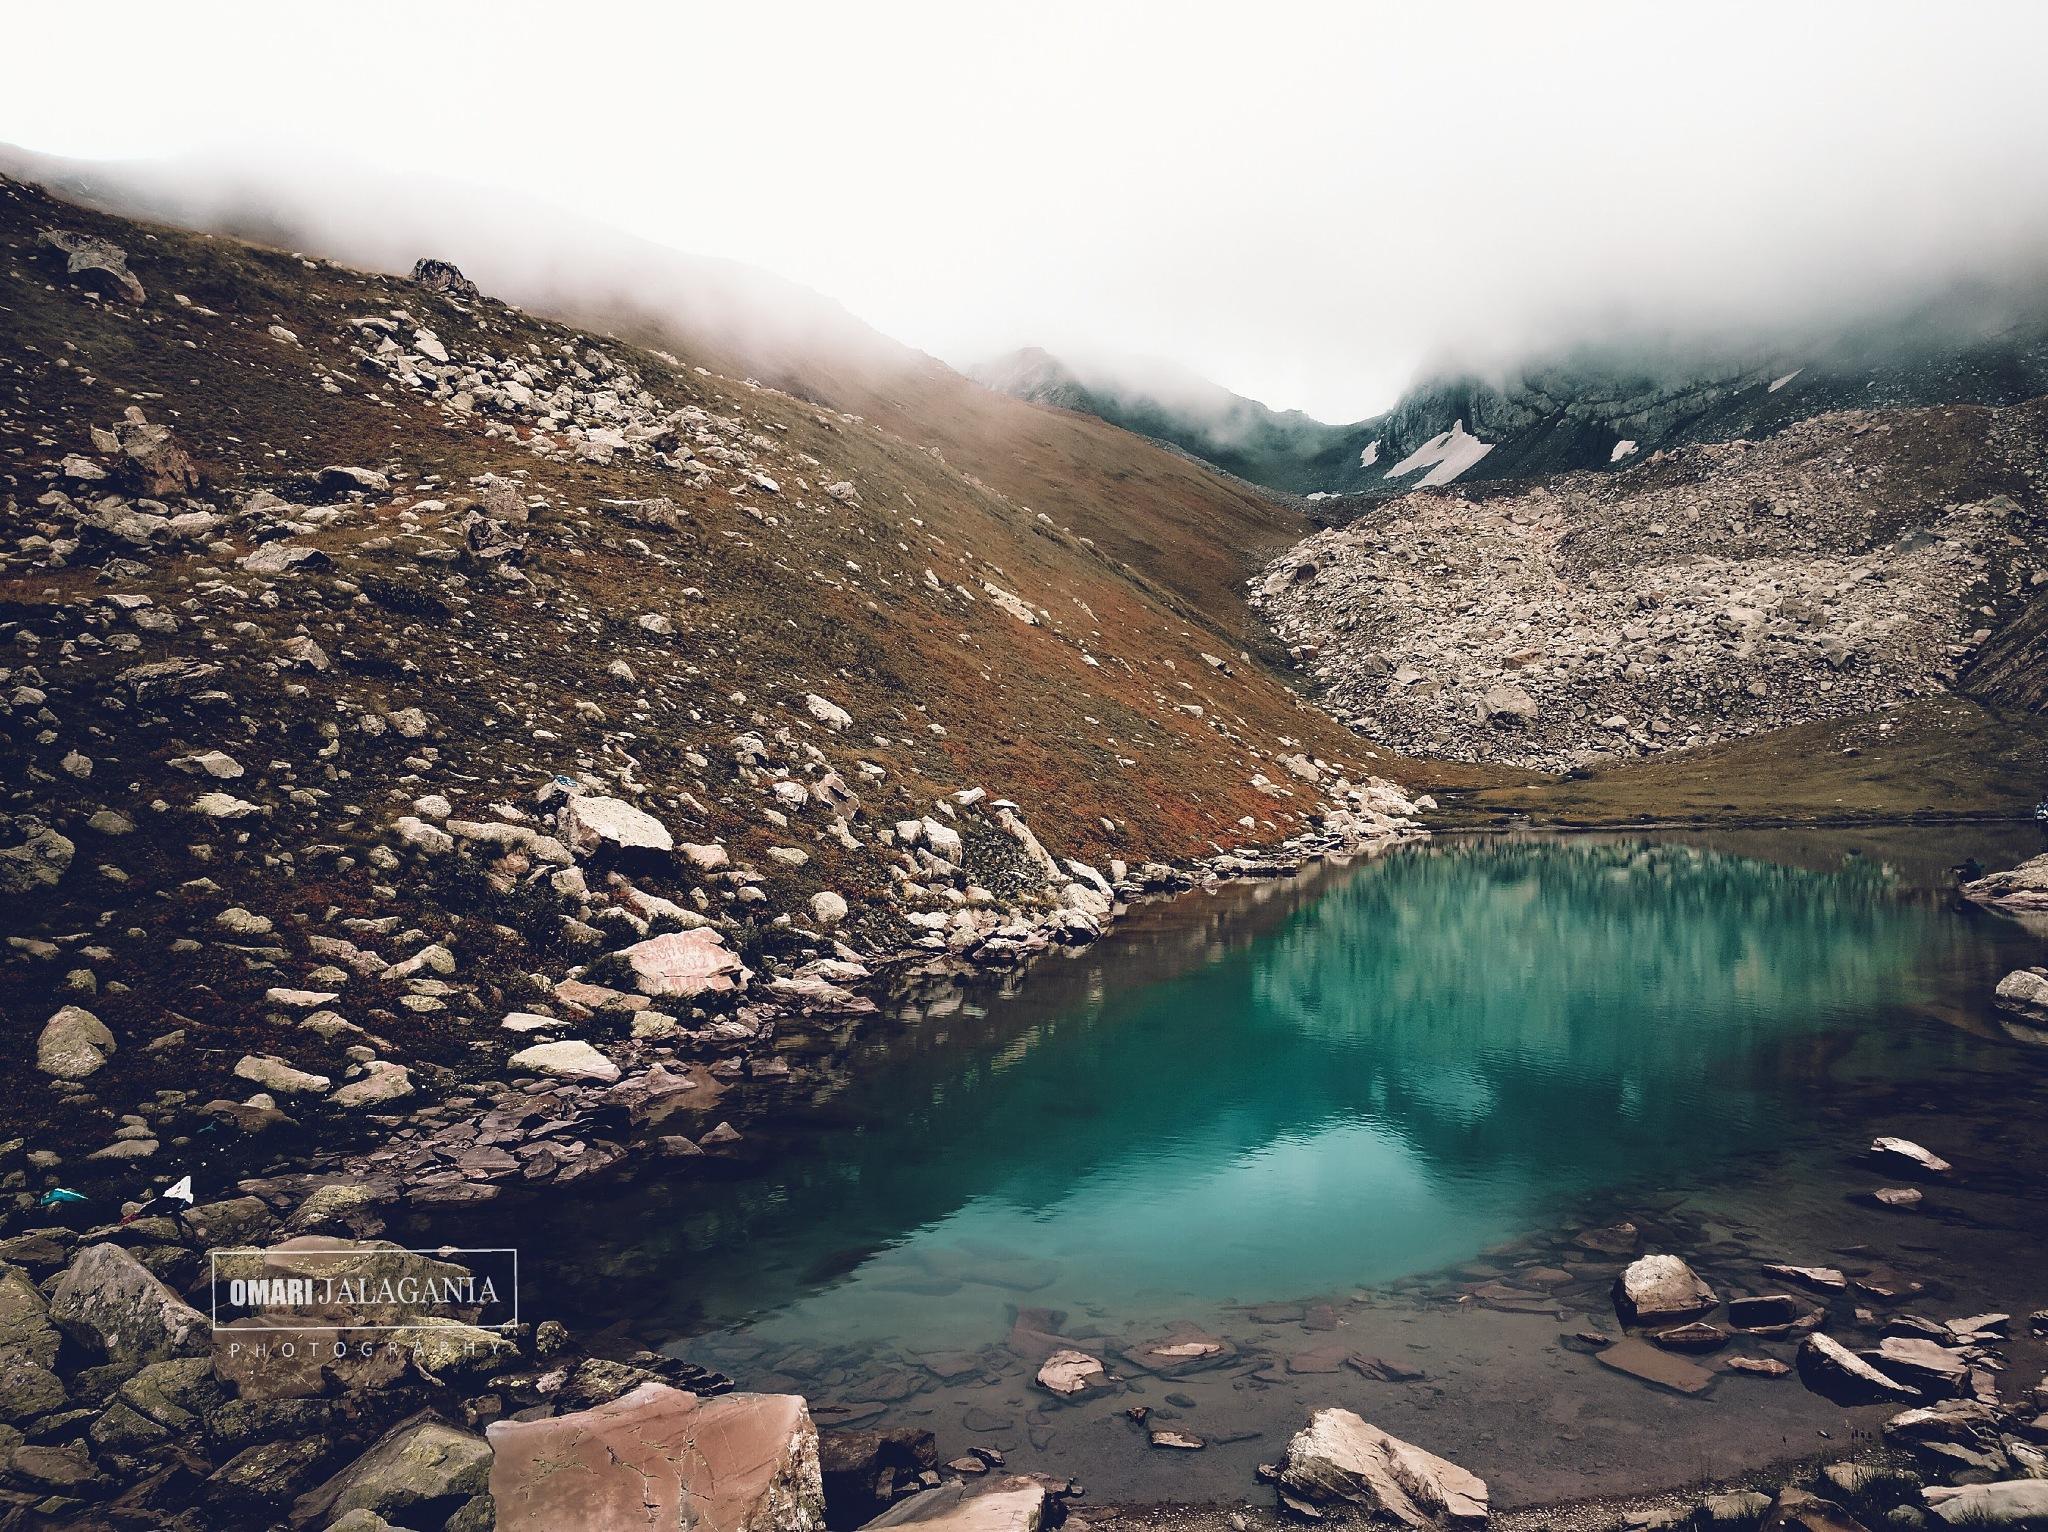 Lake in mountains by Omari Jalagania